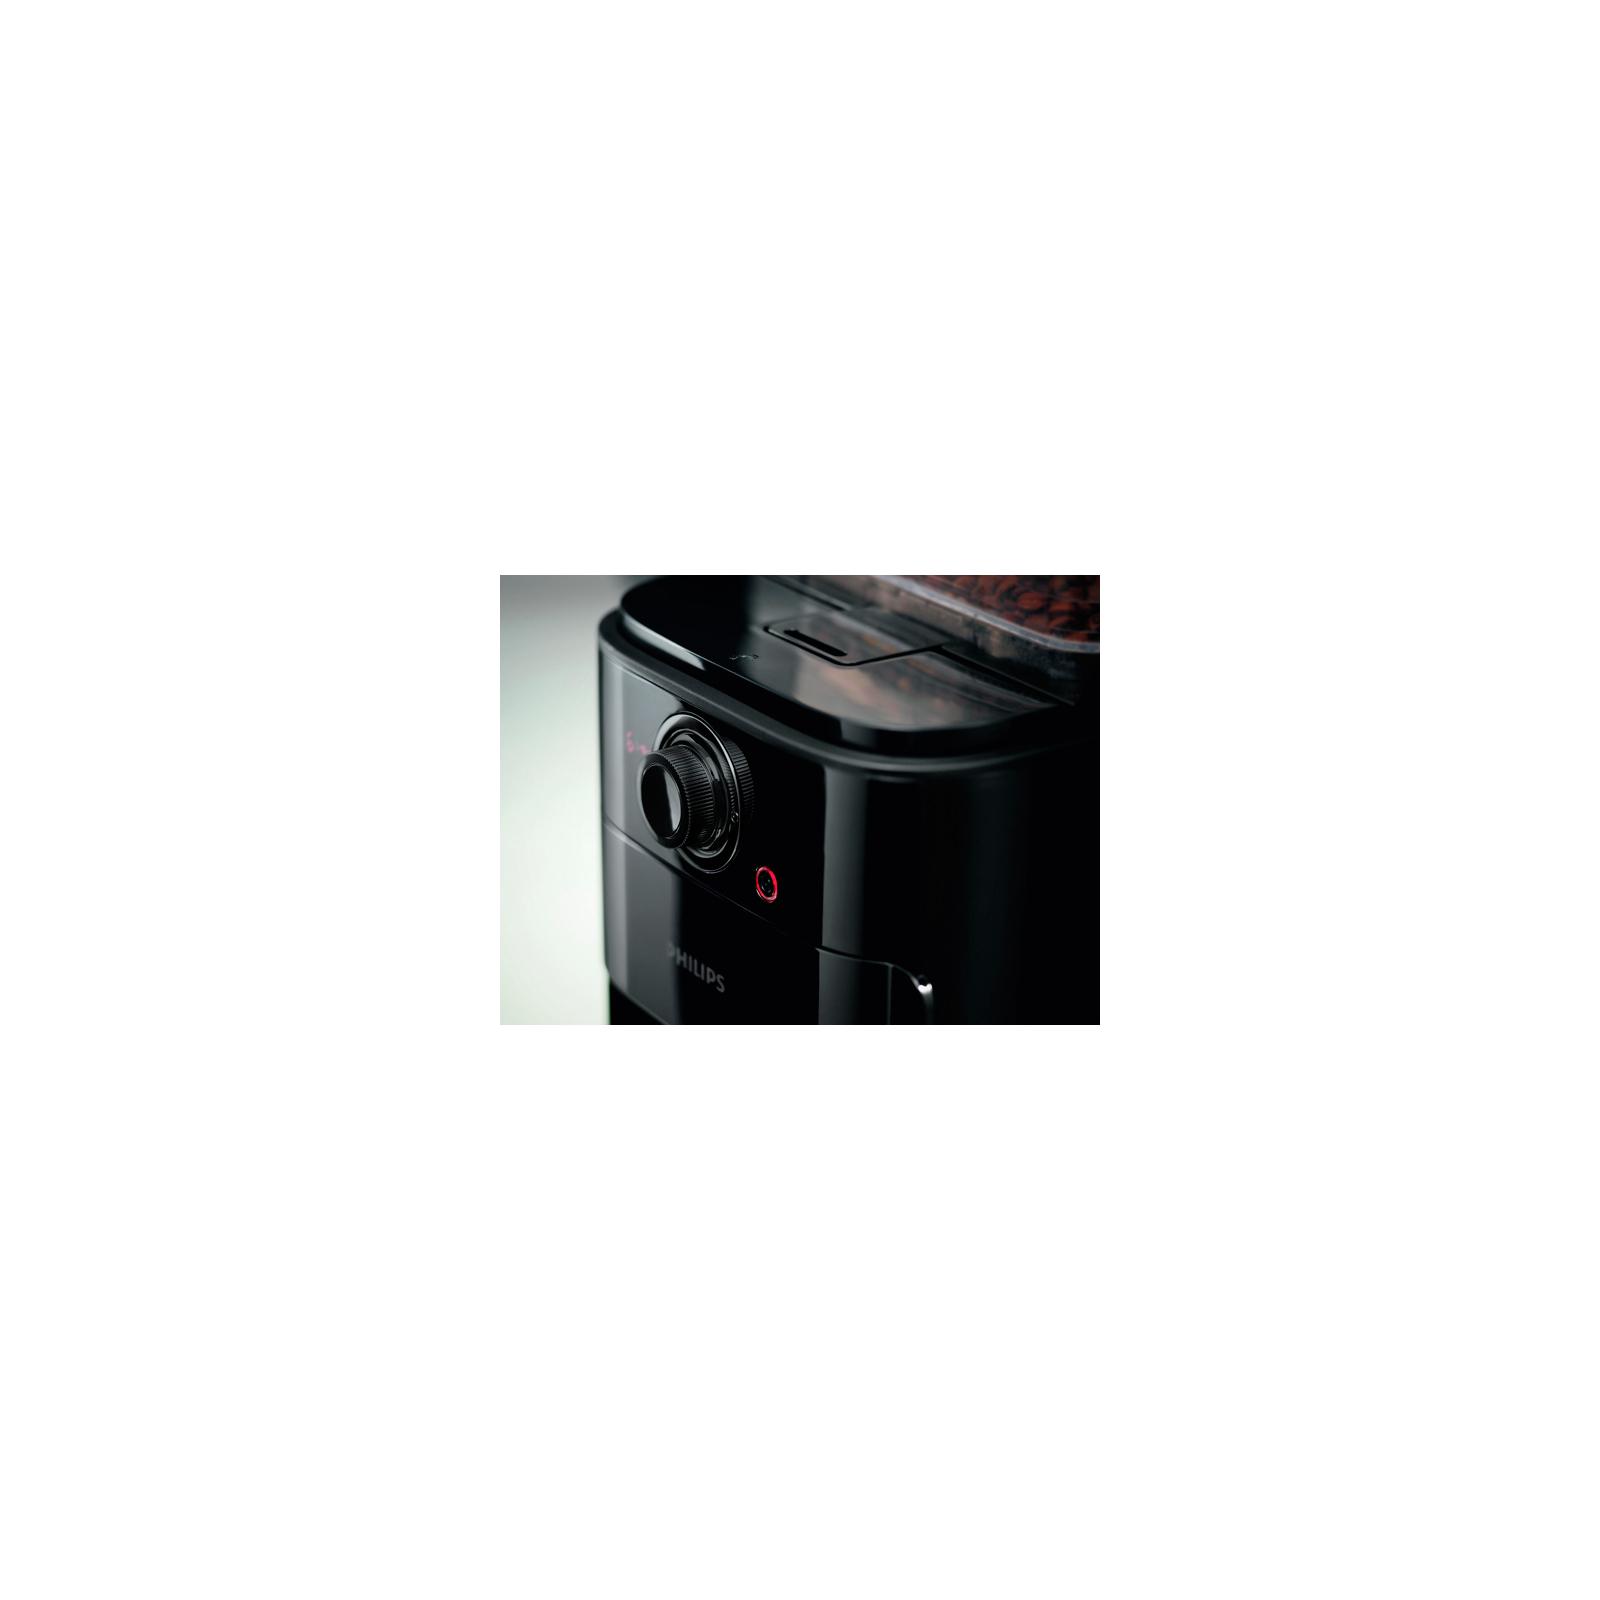 Кофеварка PHILIPS HD7761/00 изображение 4